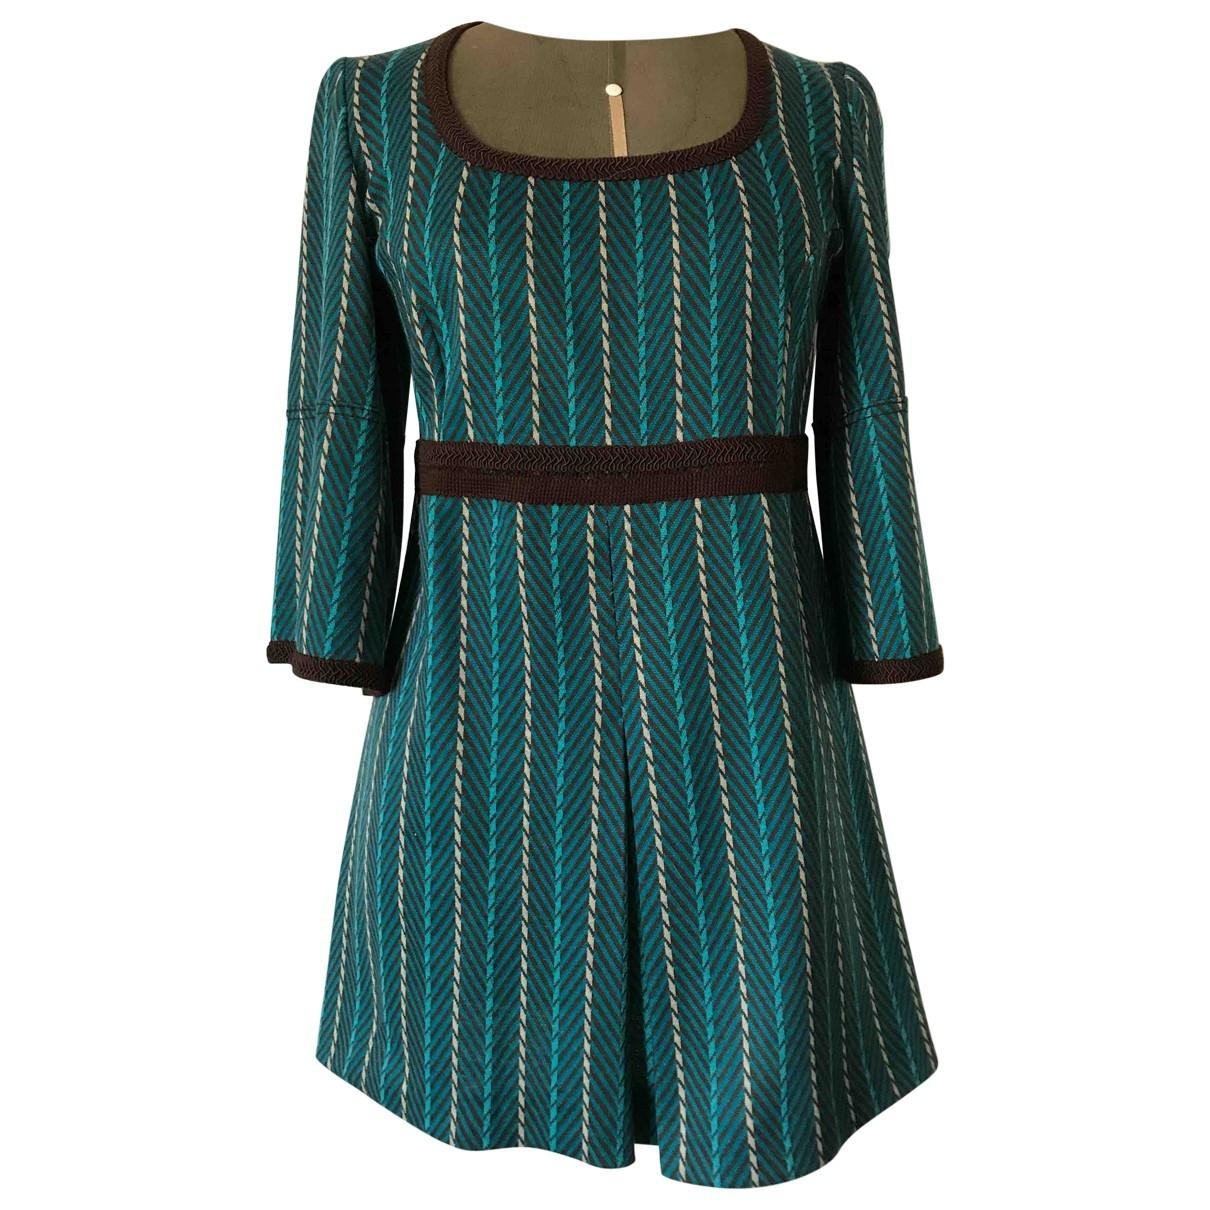 - Robe Hippie Chic pour femme en coton - elasthane - turquoise